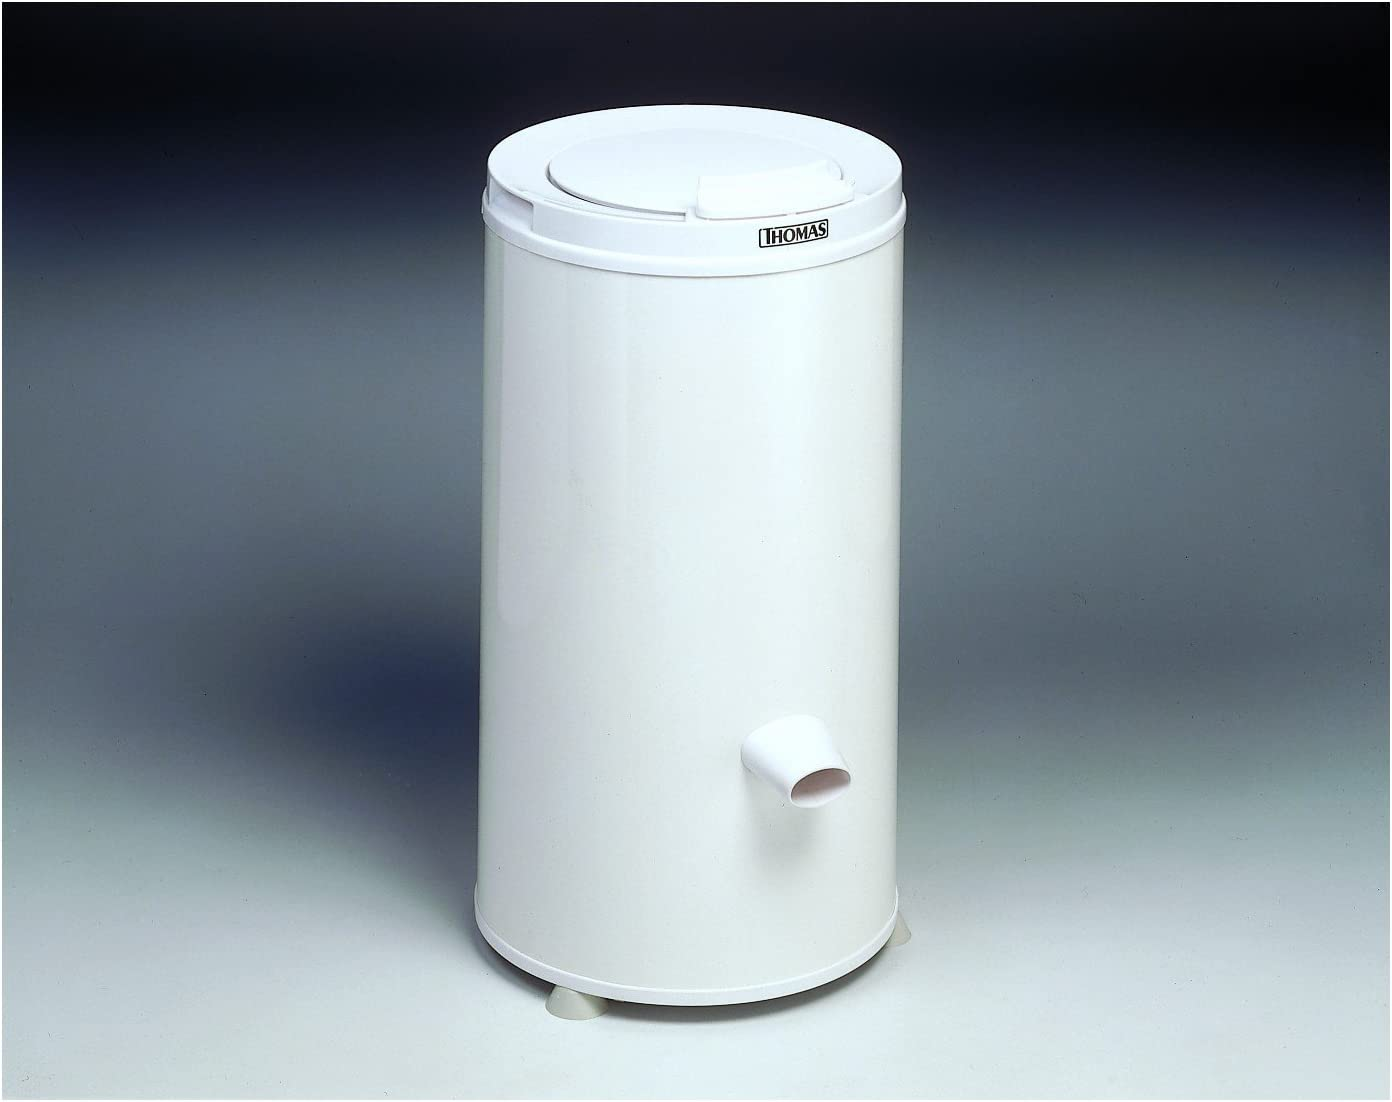 Thomas Spin Drier SEK 772 - Centrifugador de ropa, blanco